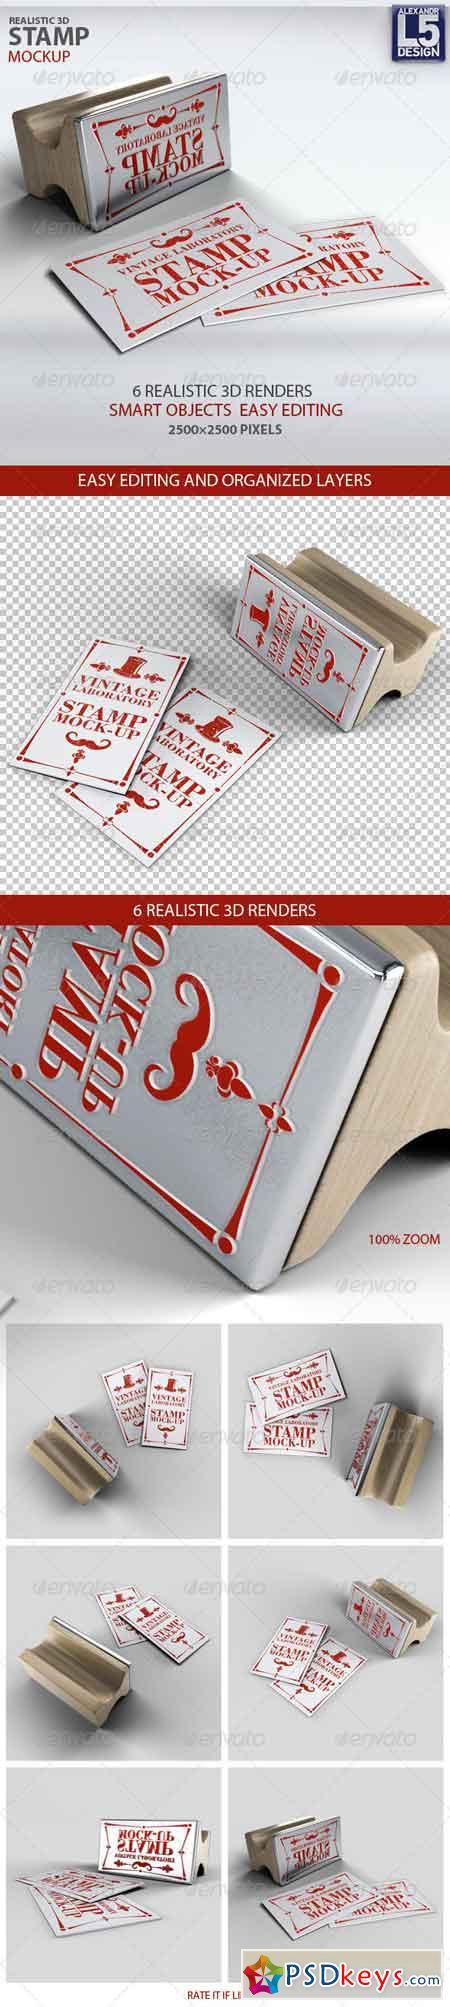 Stamp Business Card Mock-Up 8739837